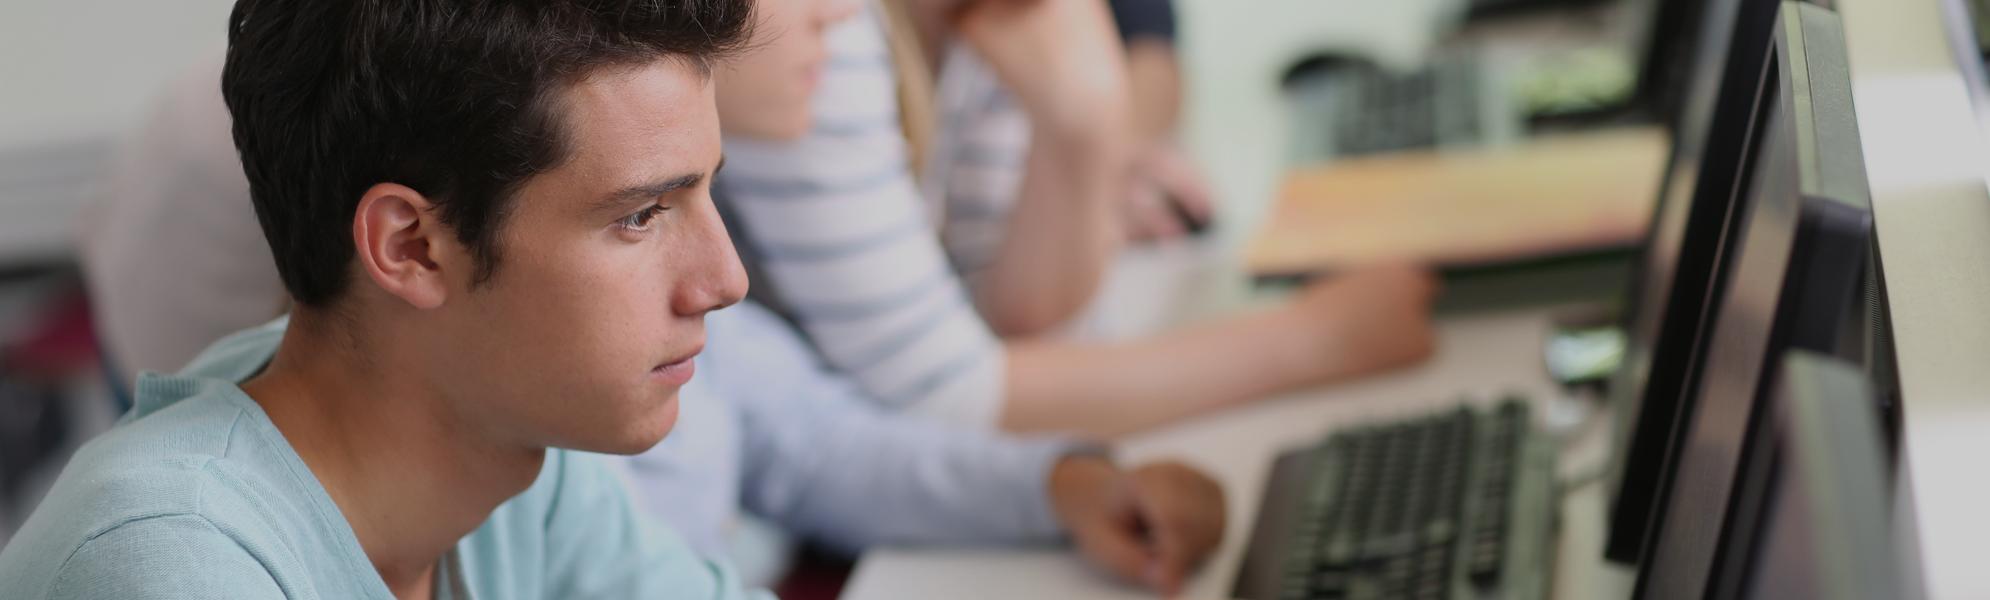 Aprender HTML5 pode ser fundamental para quem quer ser desenvolvedor ou designer de web